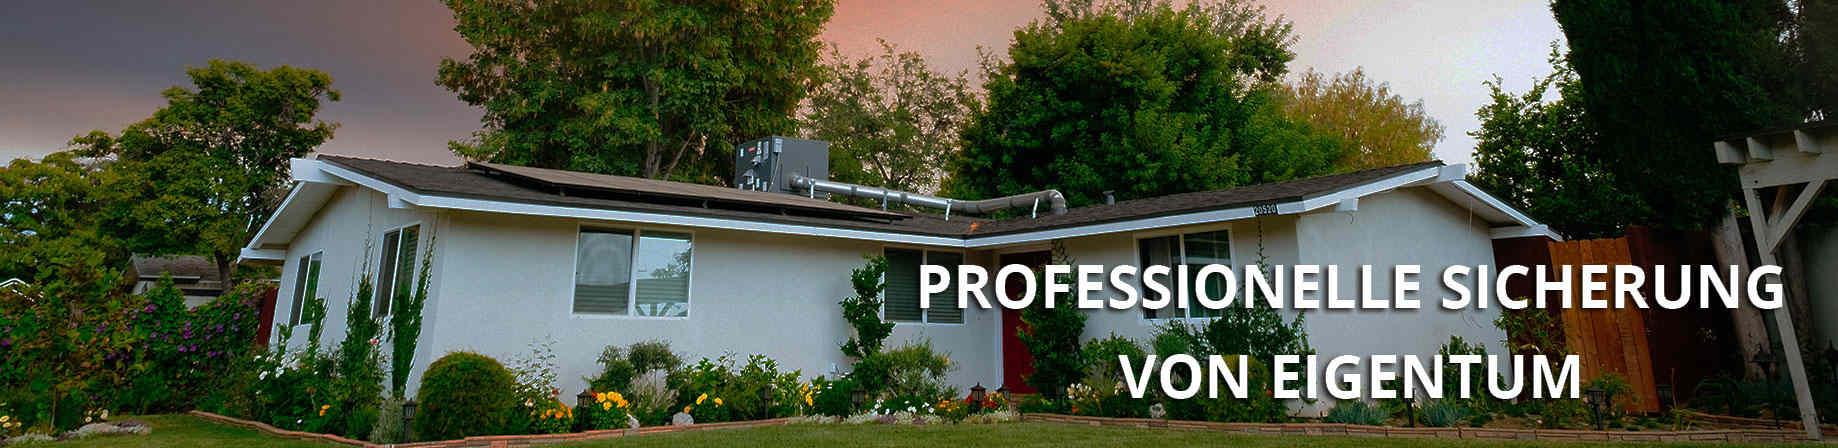 Professionelle Sicherung von Eigentum